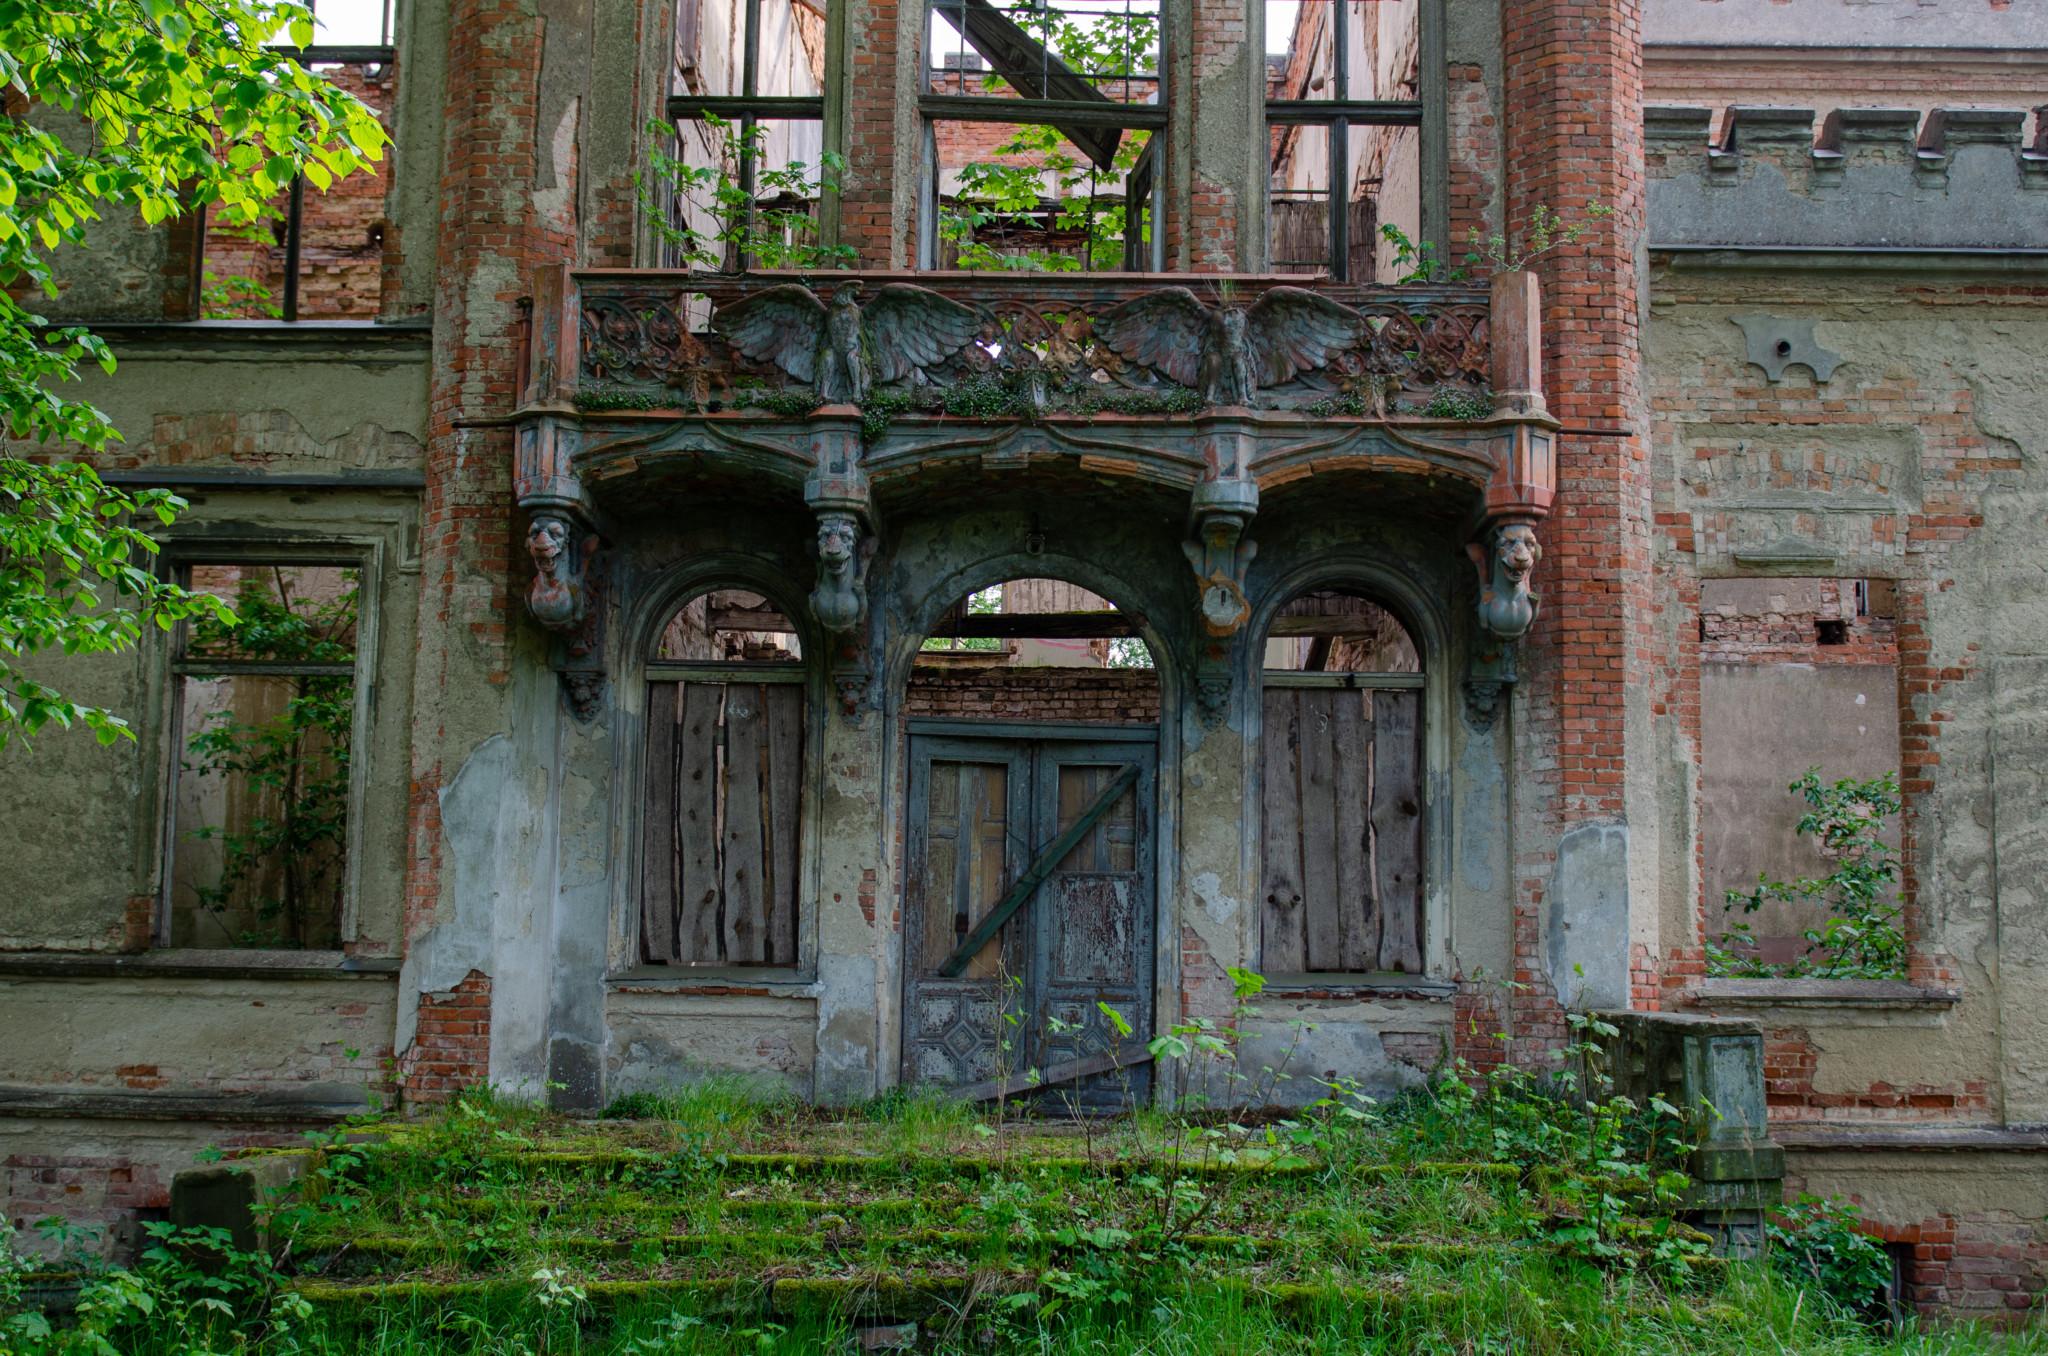 Schlossruine Hohenlandin ist eine wichtige Sehenswürdigkeit in Brandenburg